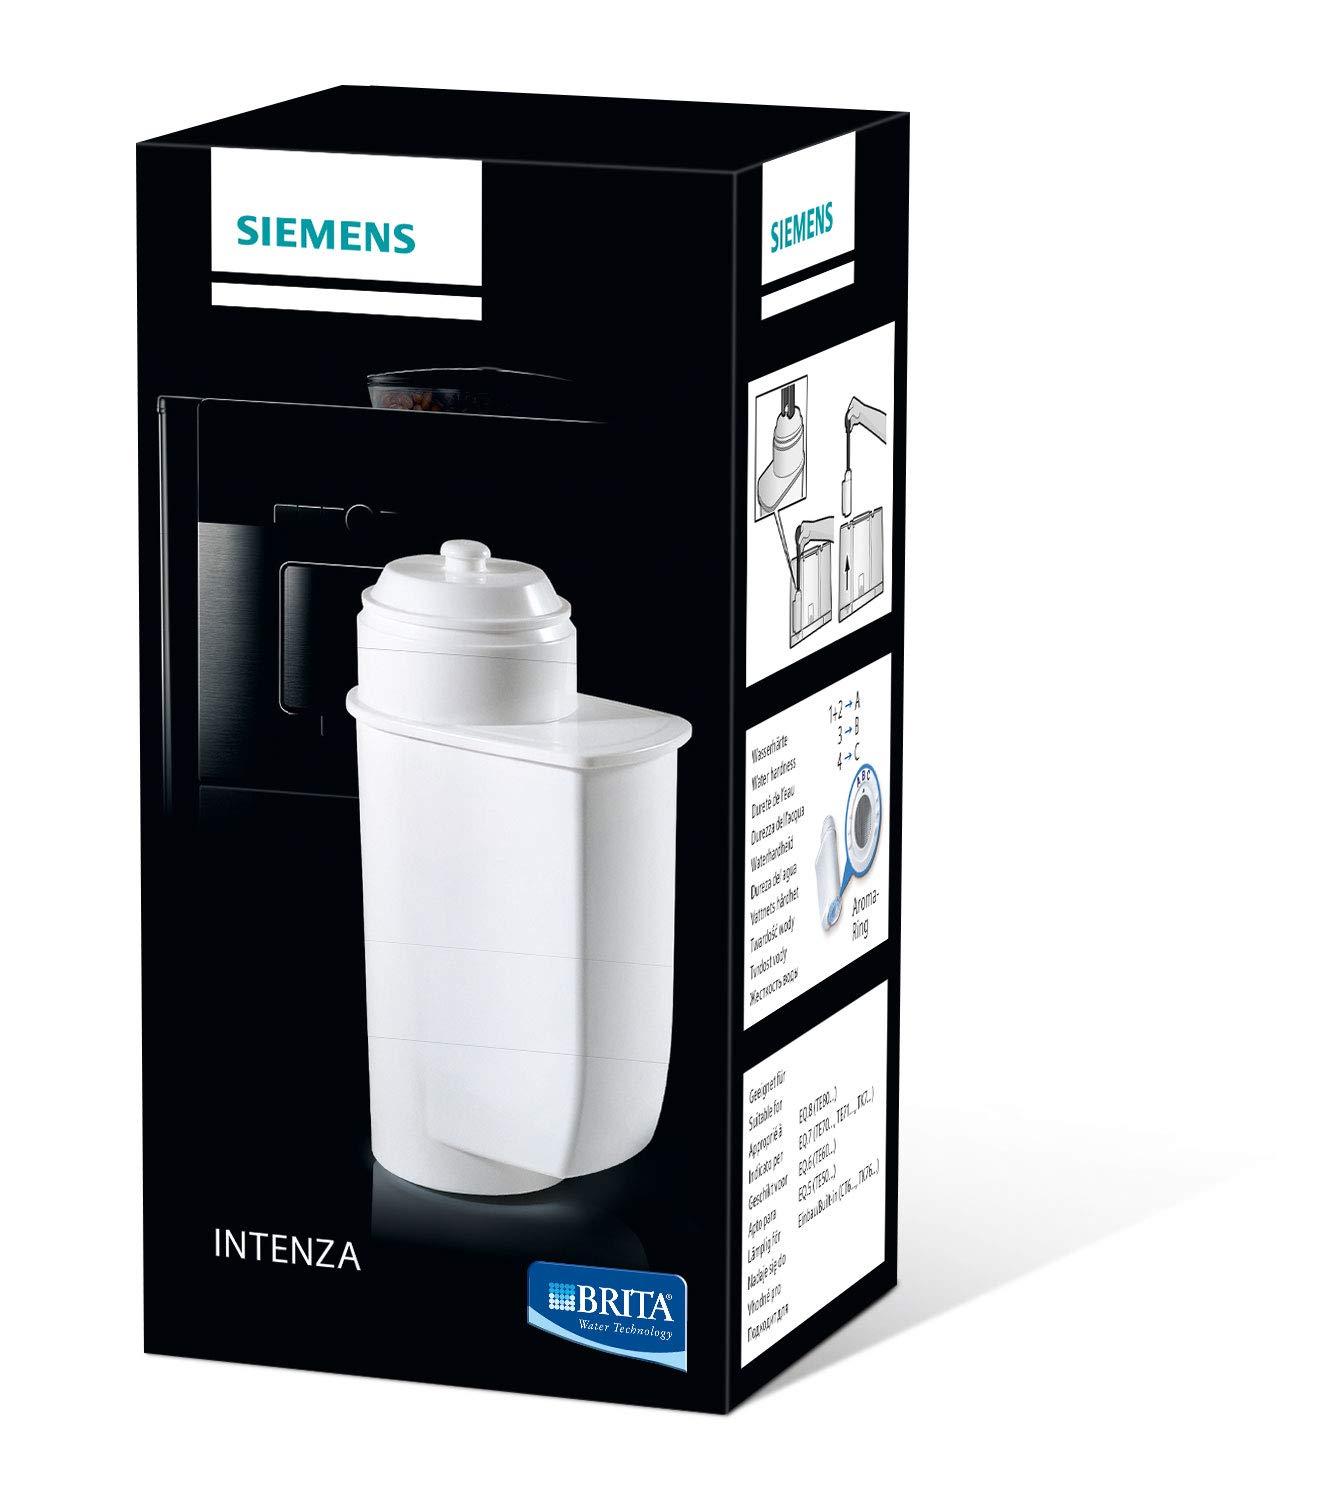 3 x Brita Intenza - Filtros de agua para cafeteras Bosch ...